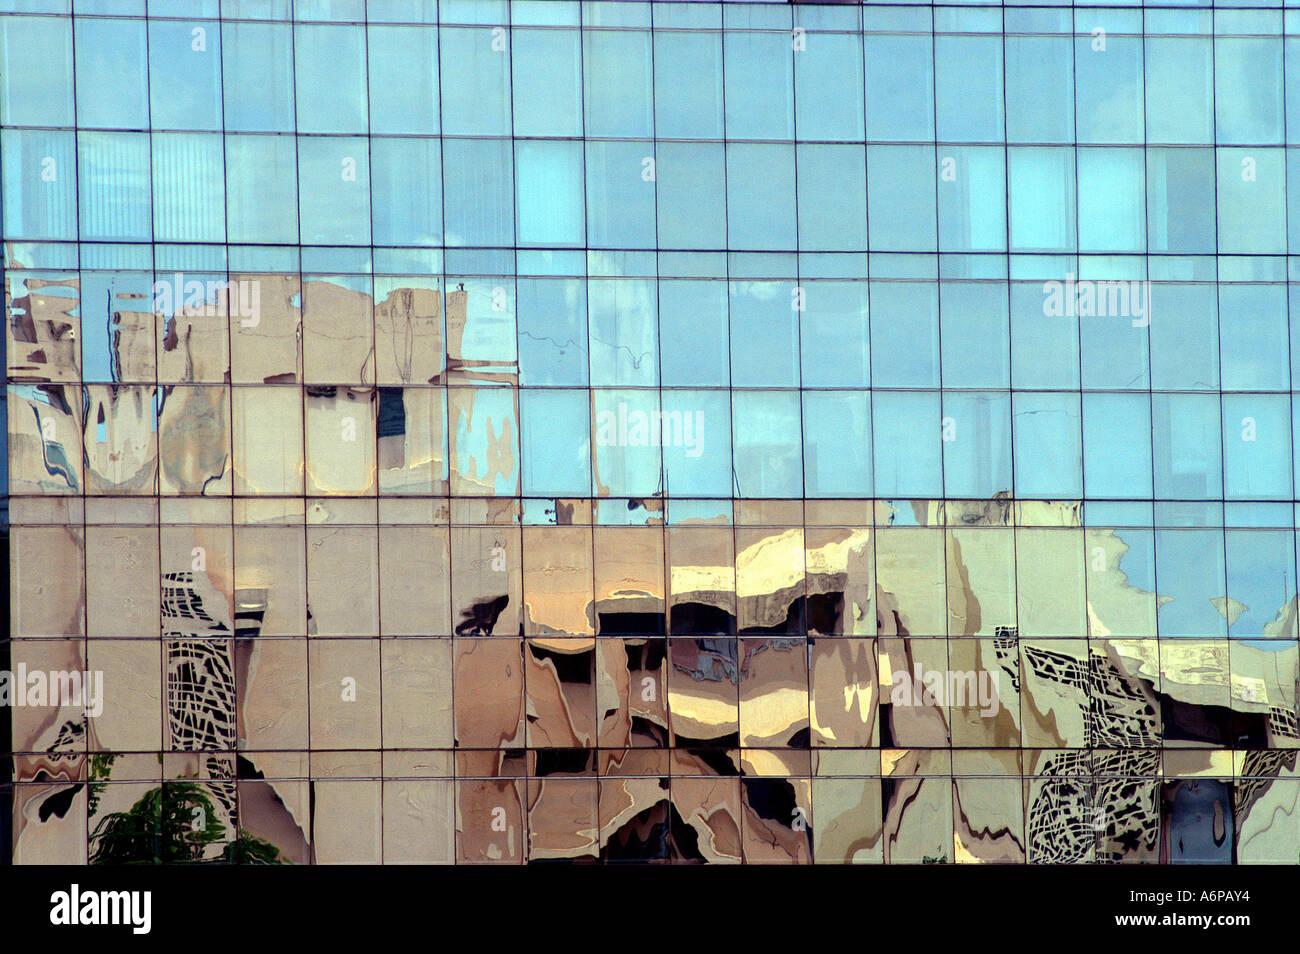 Reflejo de edificio en edificio moderno de vidrio en la ciudad de Bangalore Karnataka, India Imagen De Stock